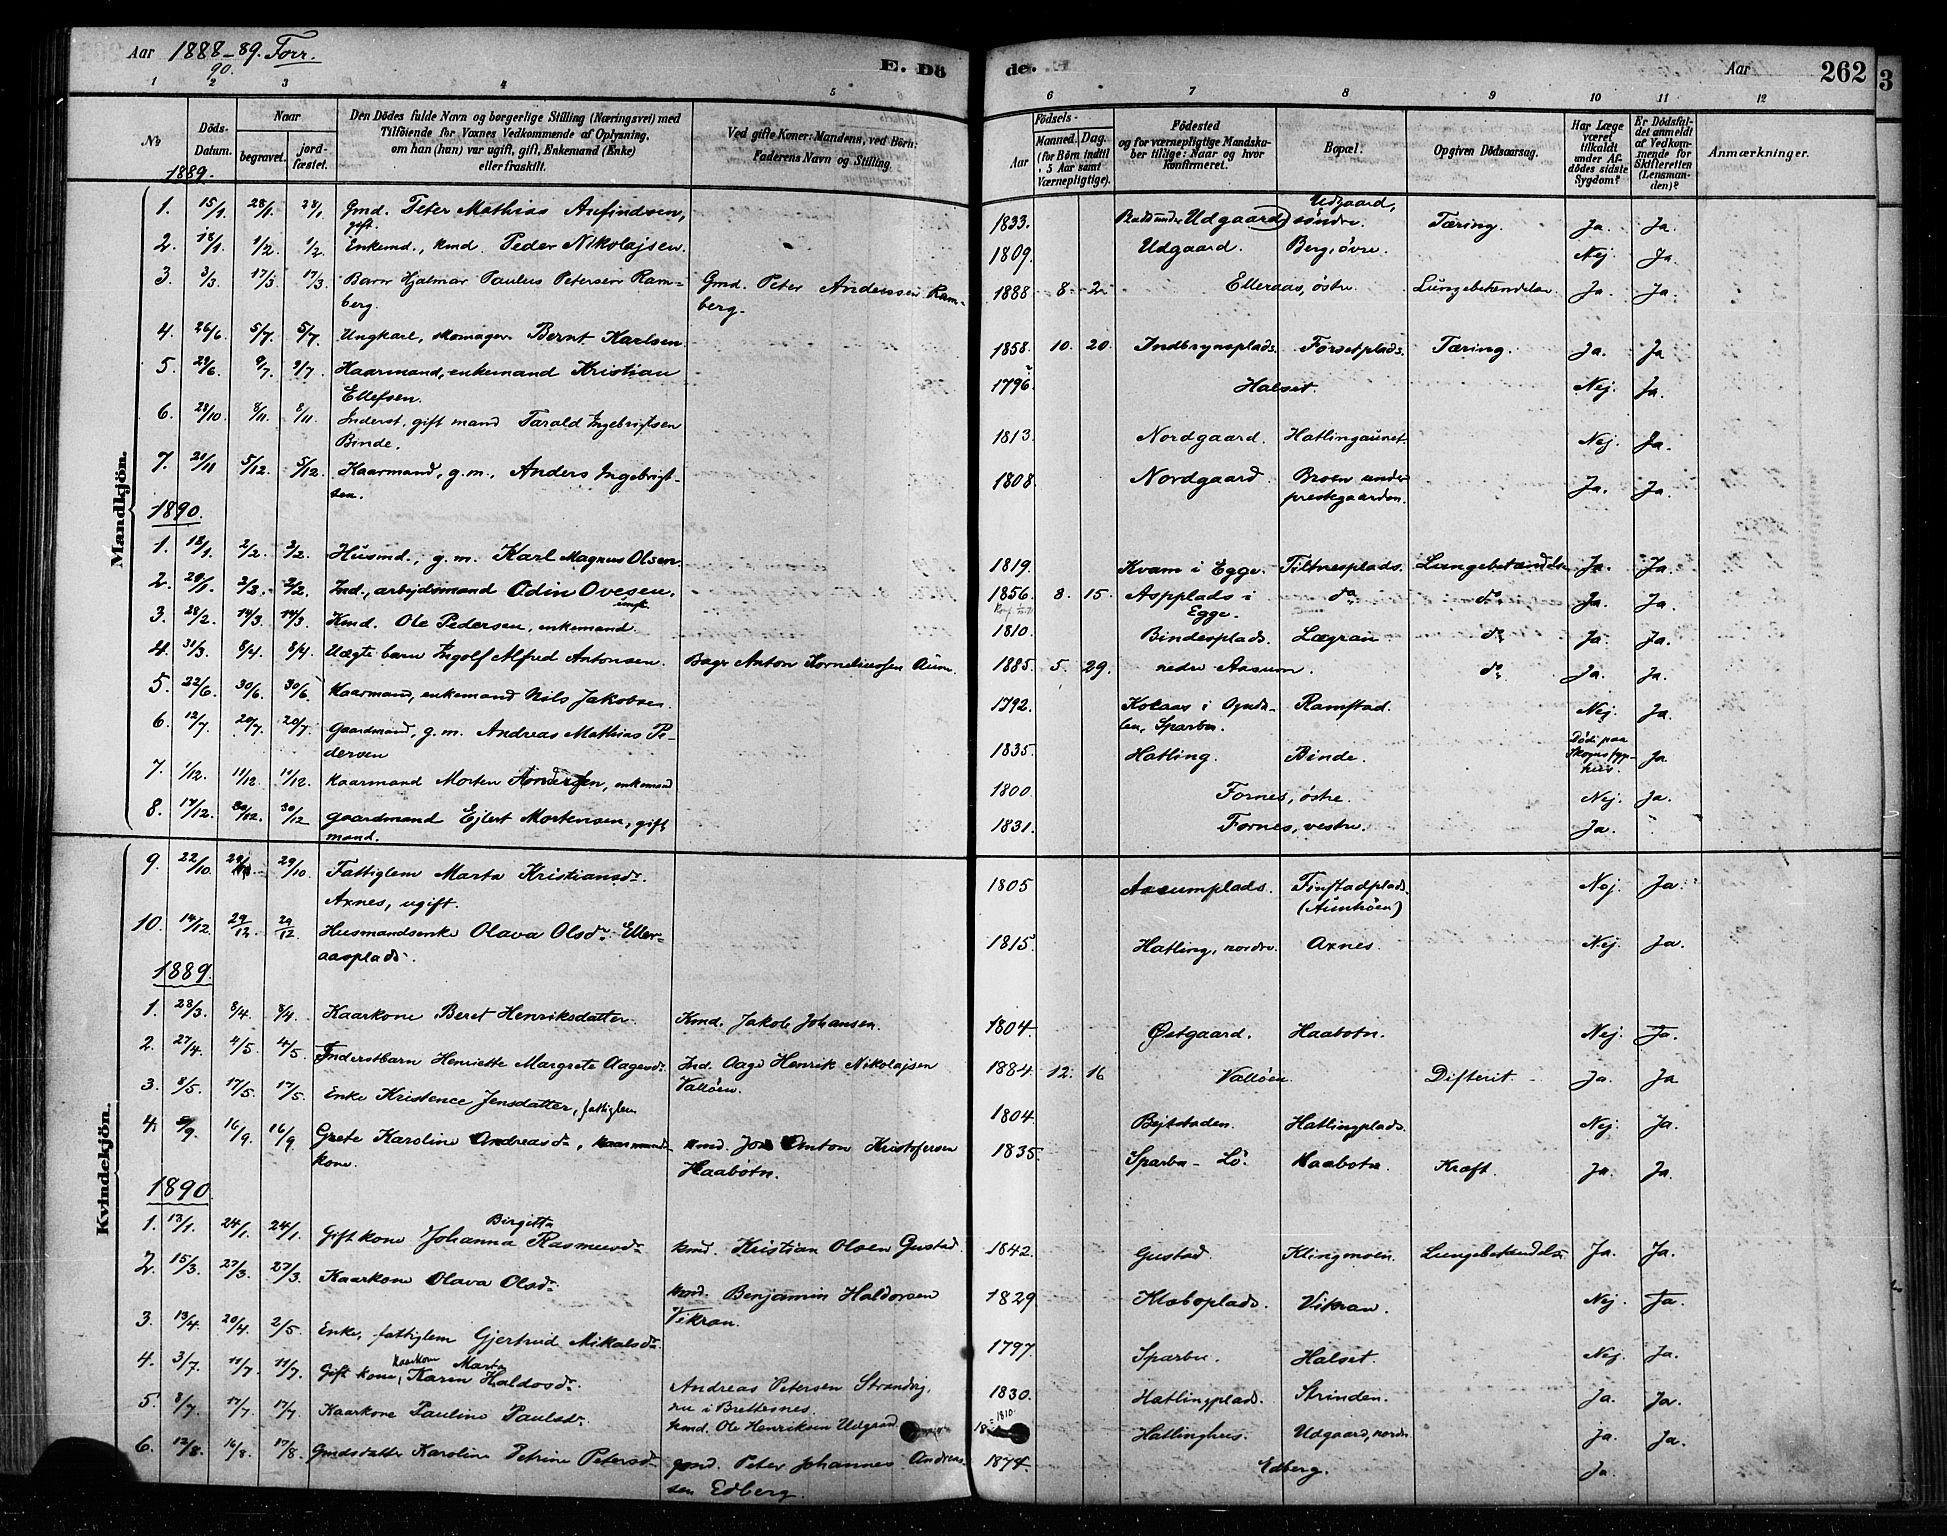 SAT, Ministerialprotokoller, klokkerbøker og fødselsregistre - Nord-Trøndelag, 746/L0448: Ministerialbok nr. 746A07 /1, 1878-1900, s. 262